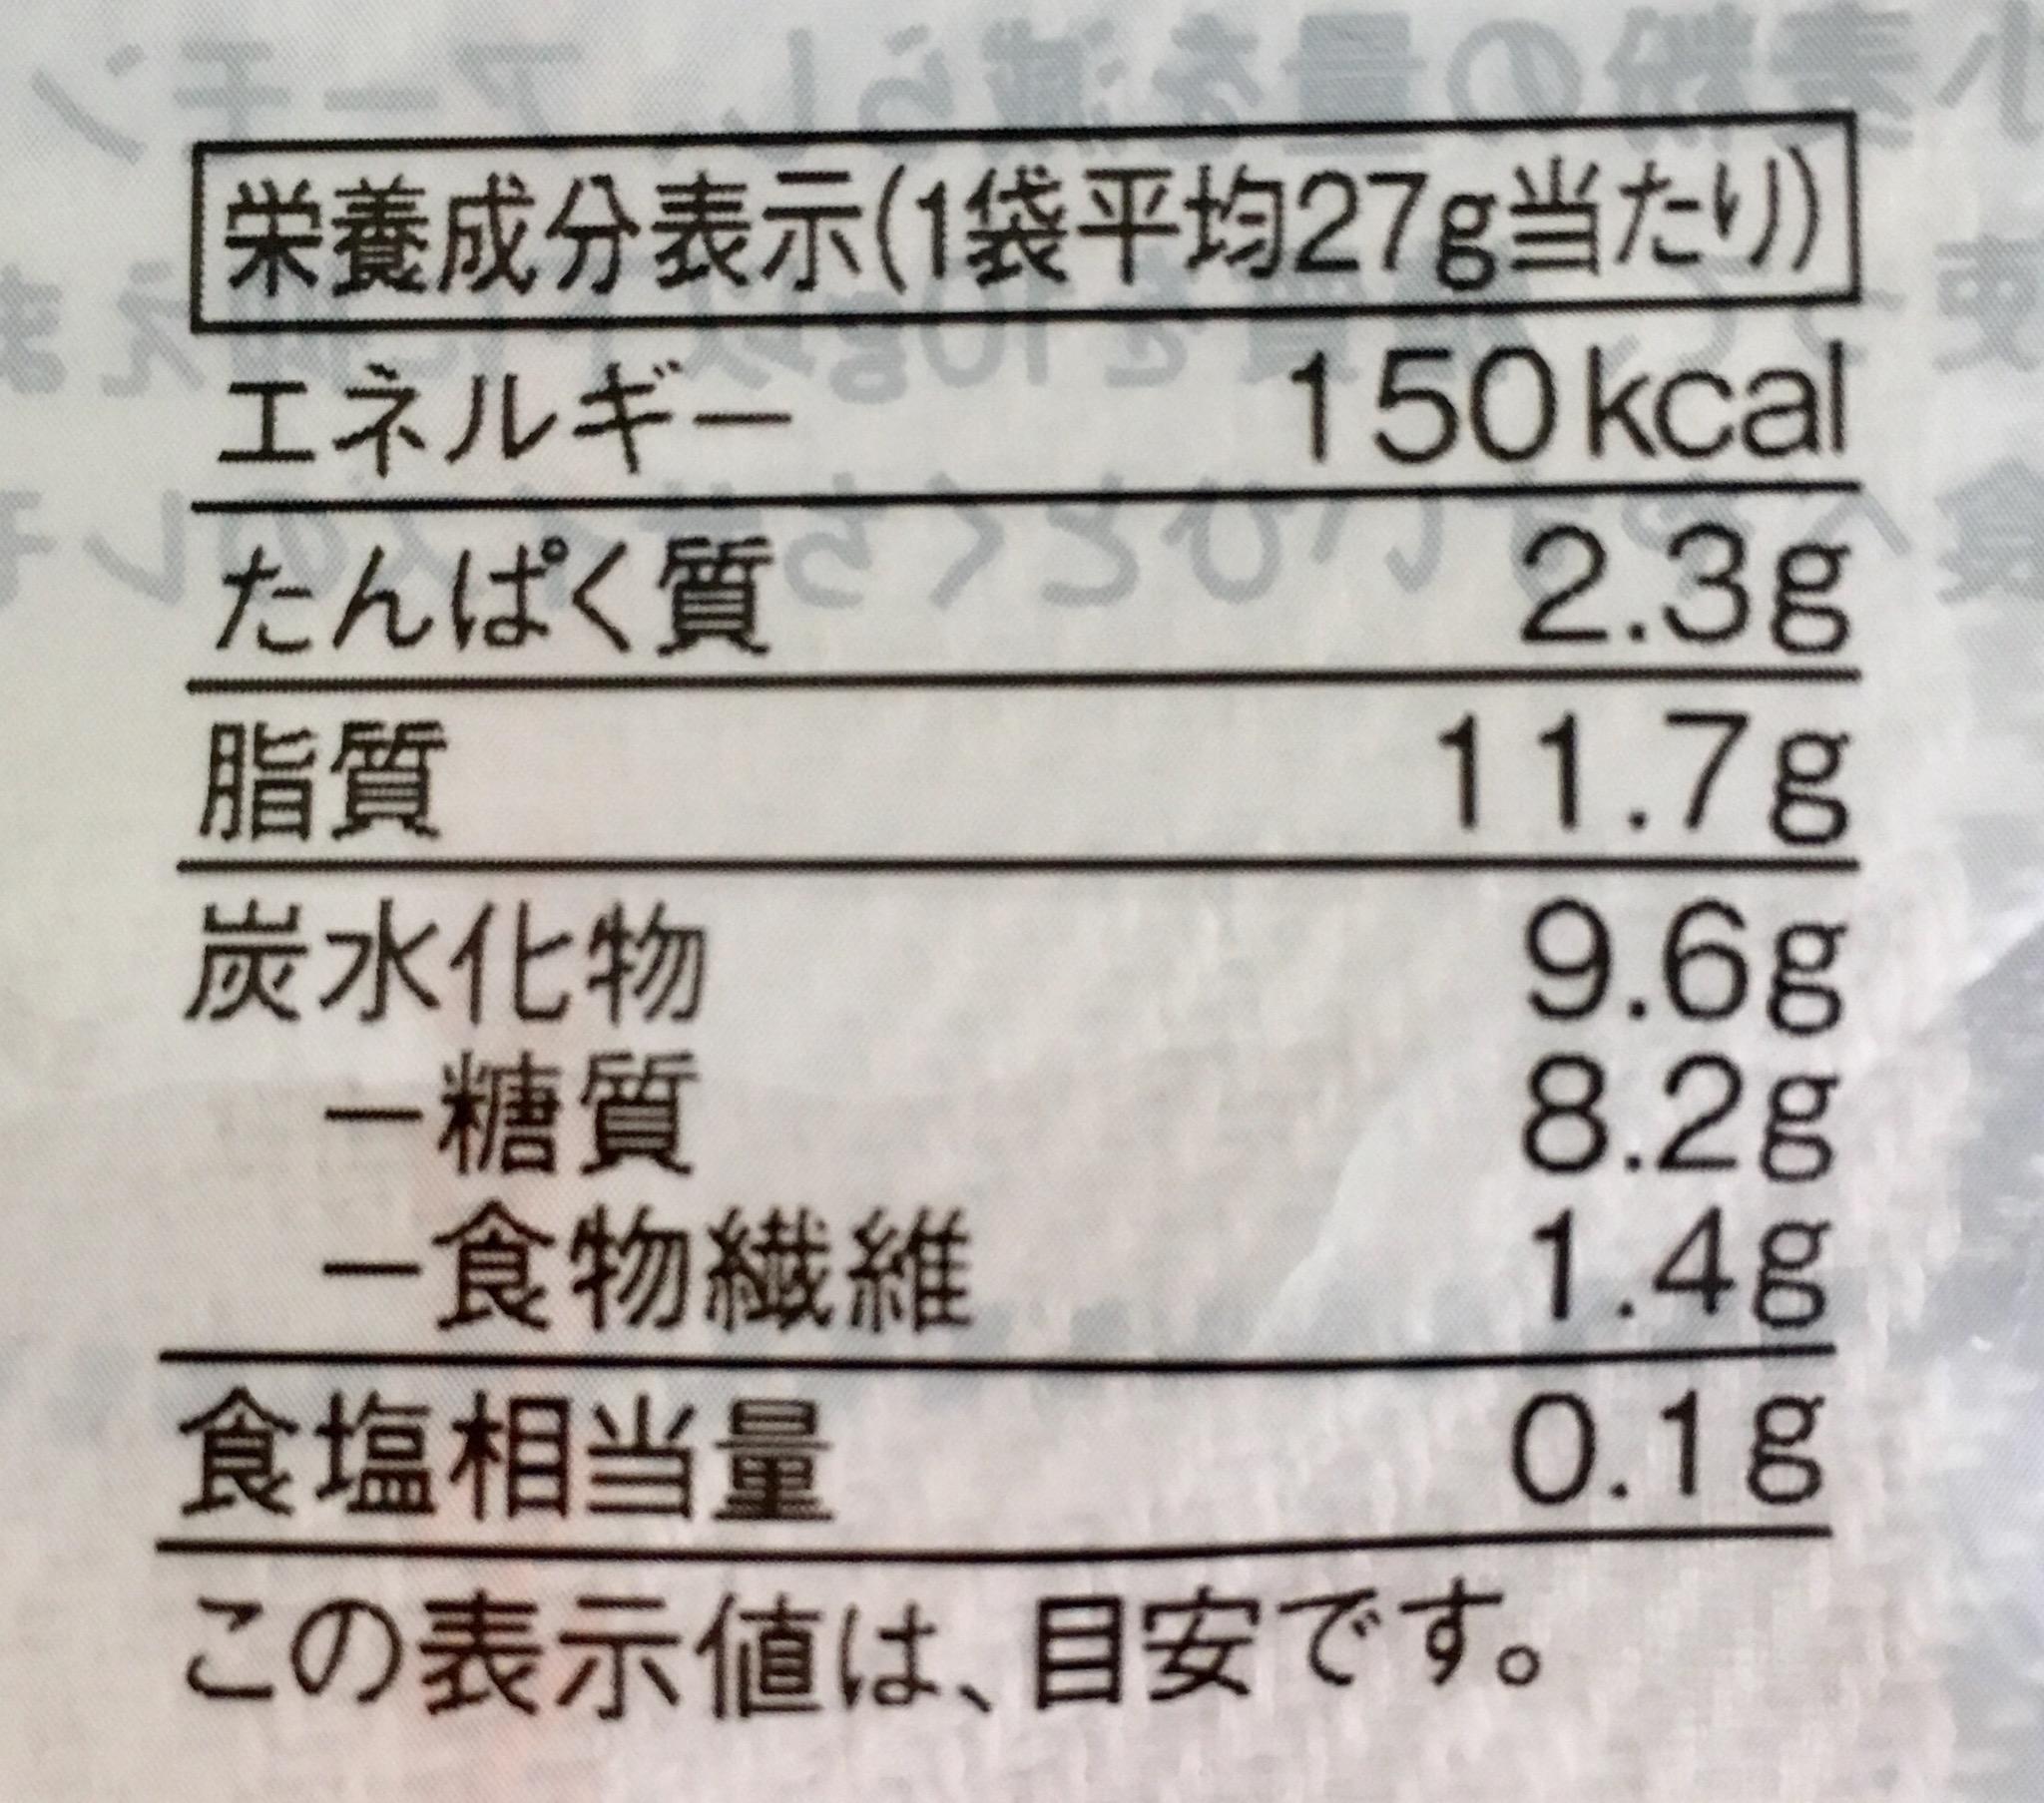 無印良品の糖質10g以下のお菓子 ひとくちレモンマドレーヌの栄養成分表示